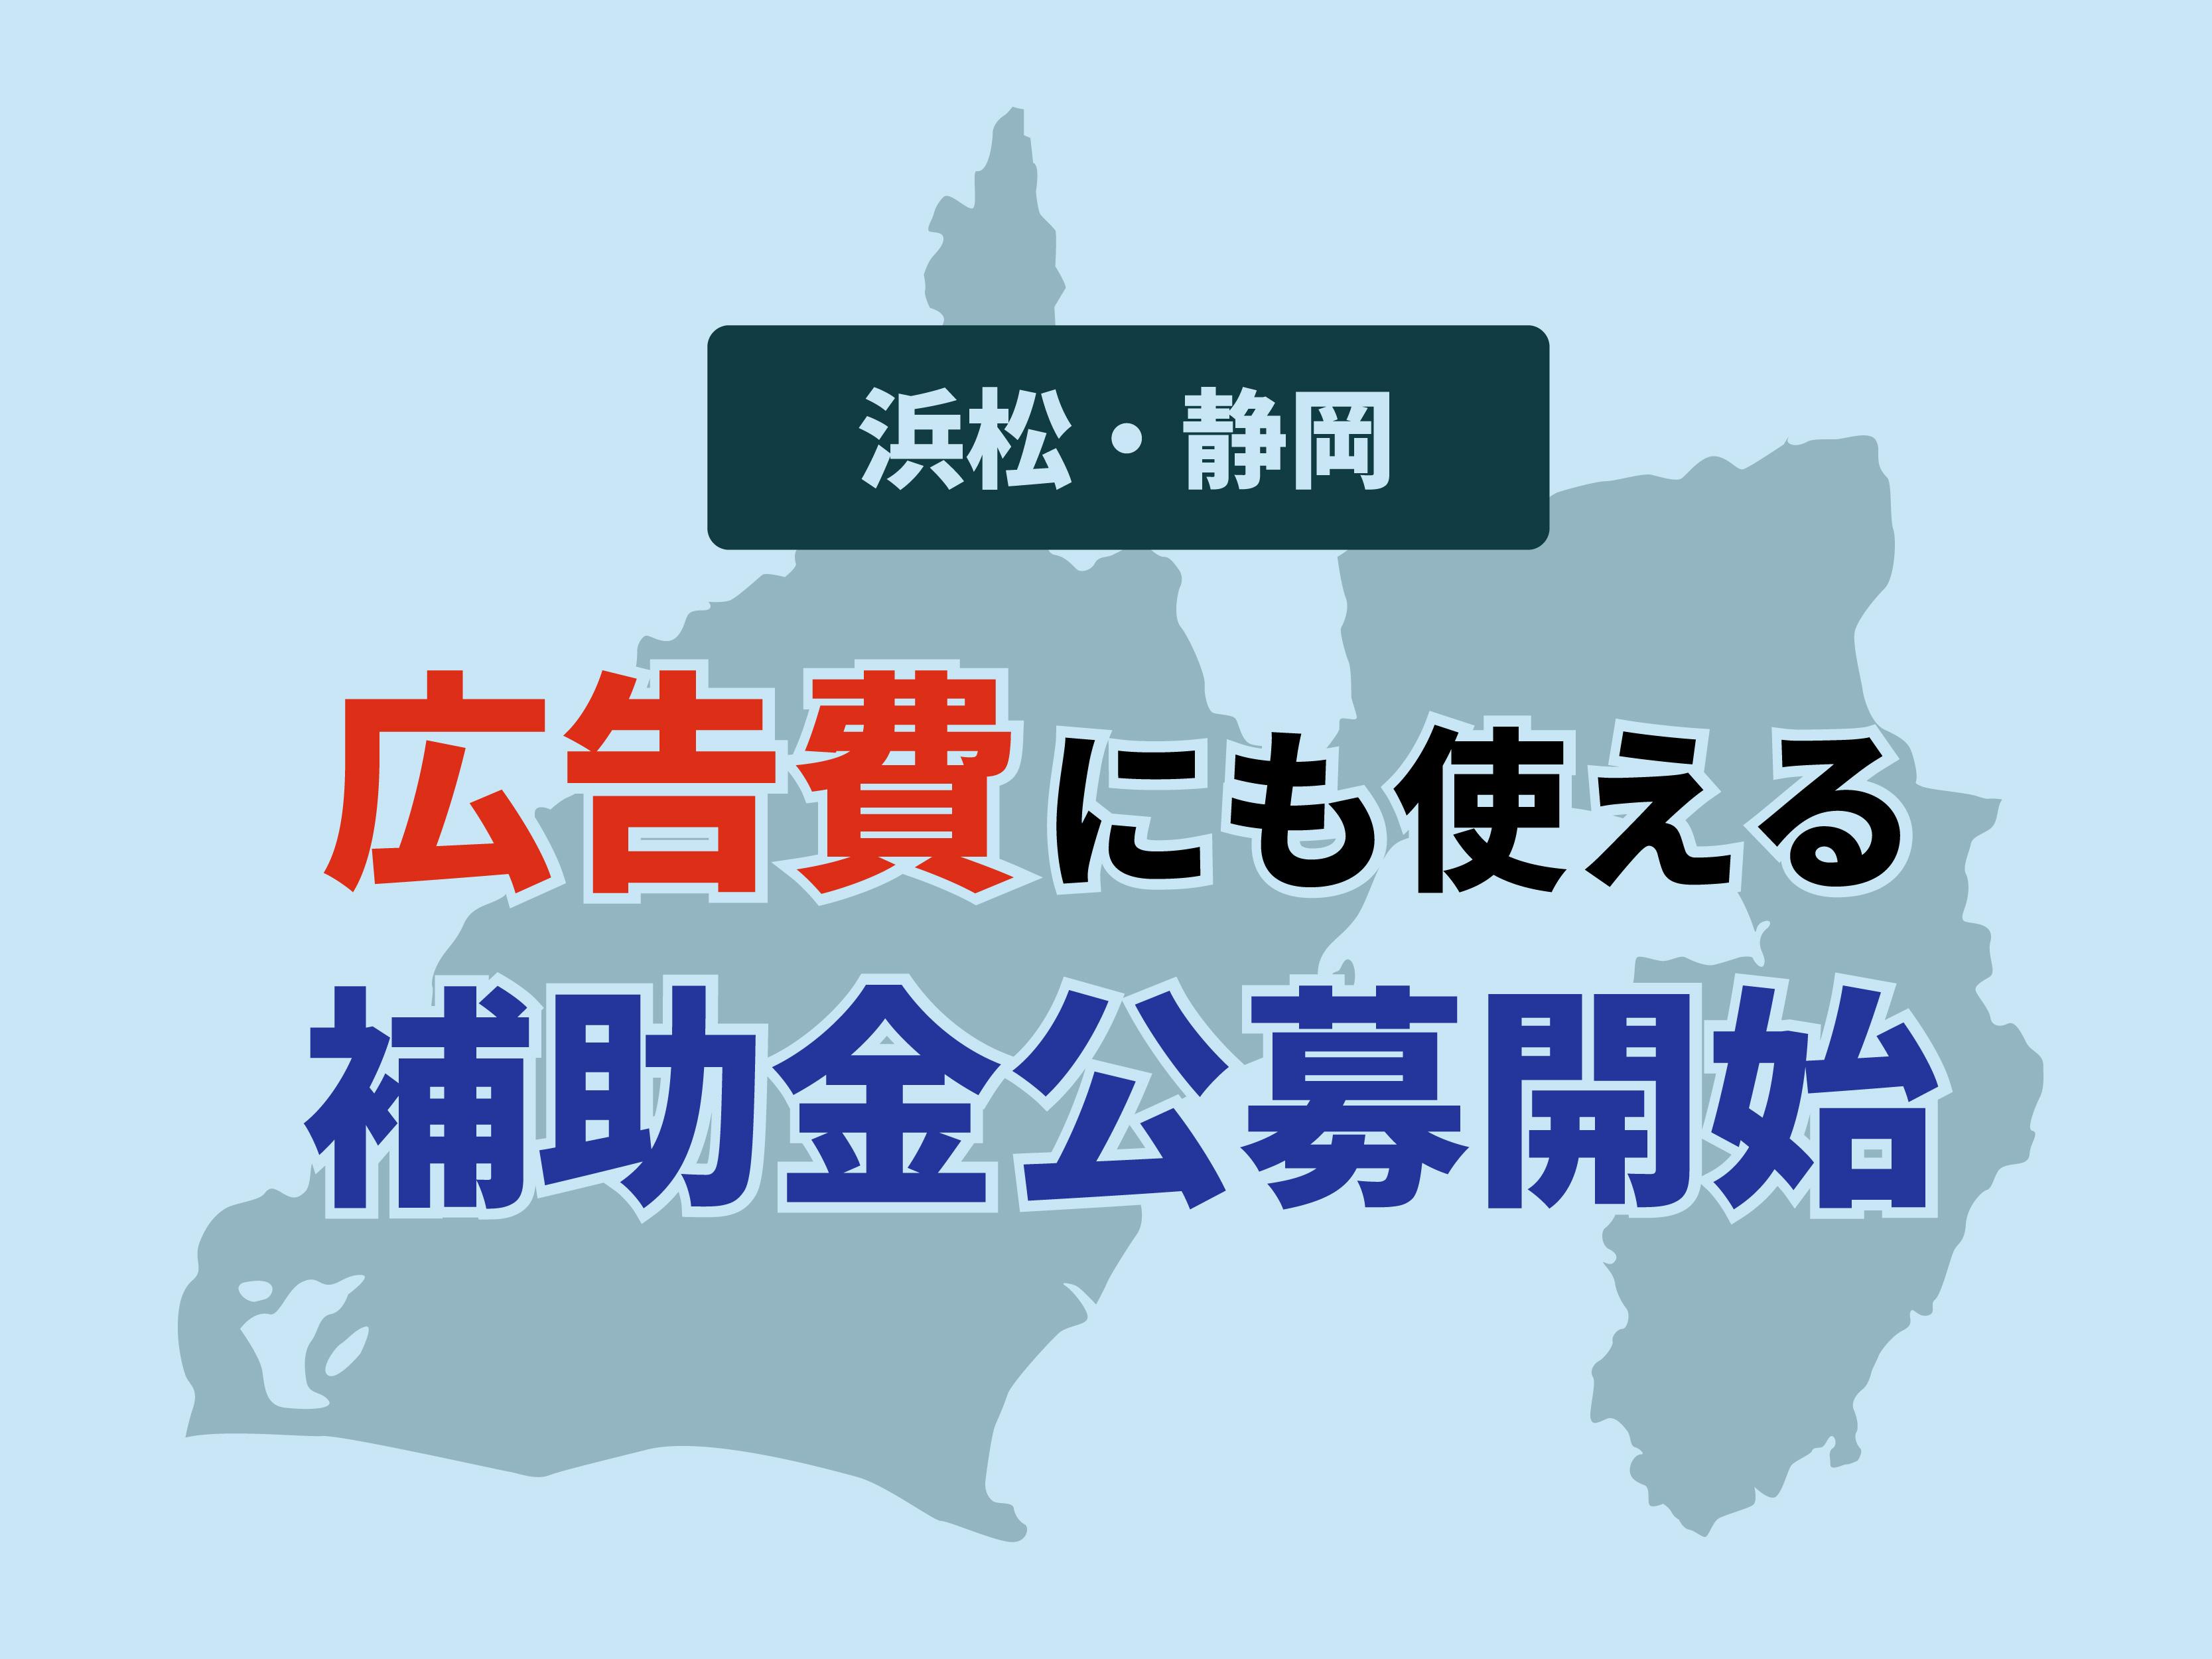 【浜松・静岡】広告費にも使える補助金公募開始